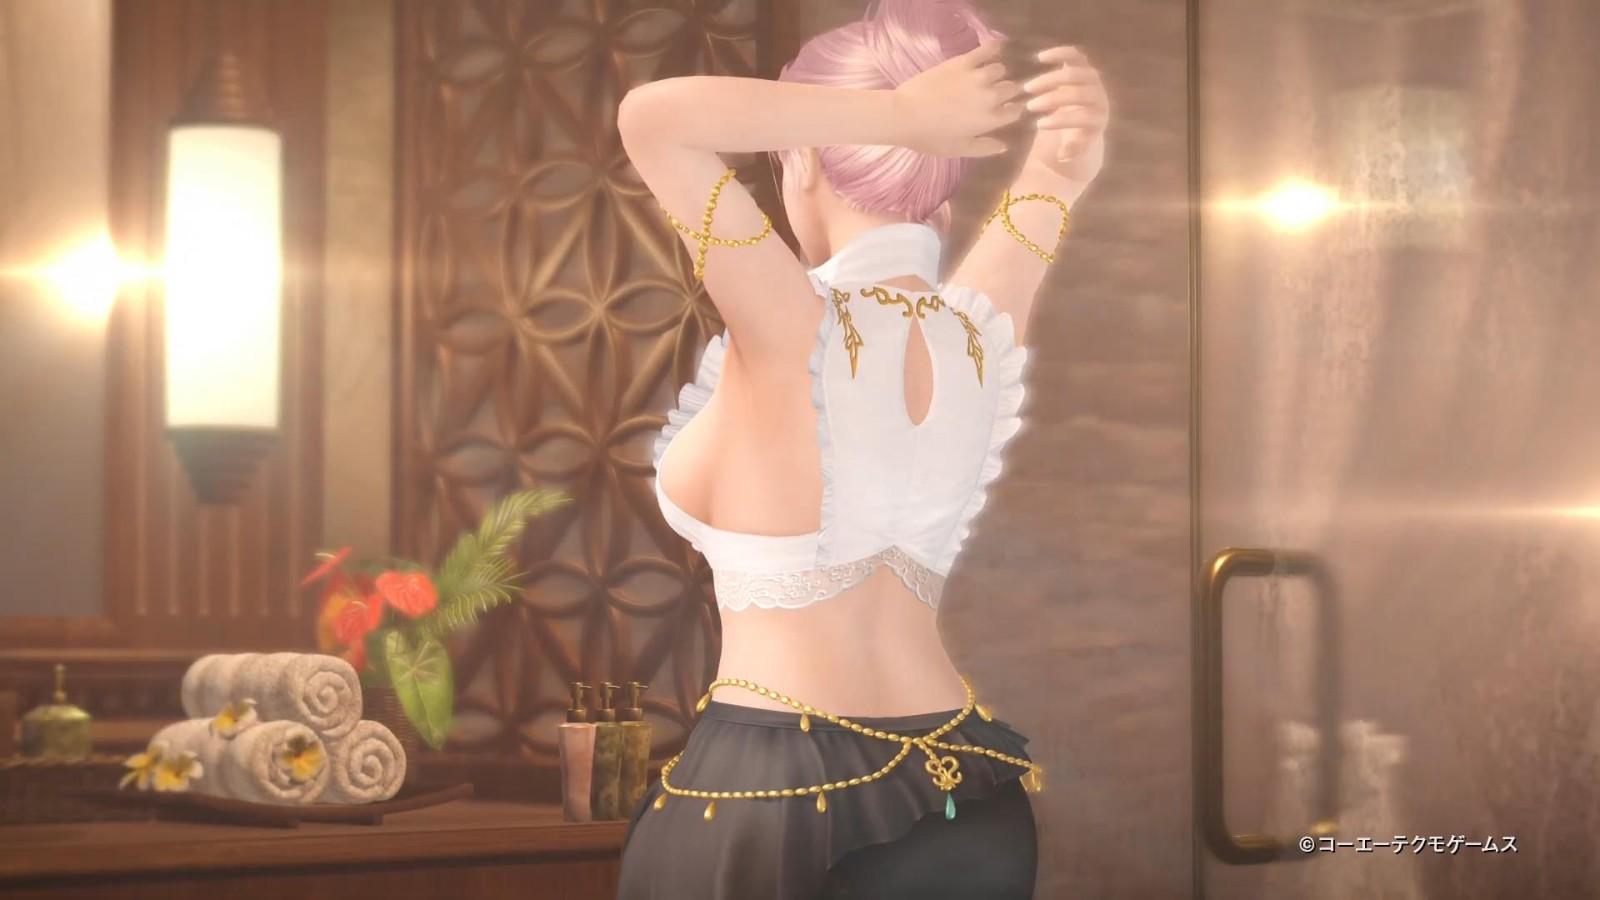 《死或生:女神假期》艾莉丝宣传PV 性感黑丝女神